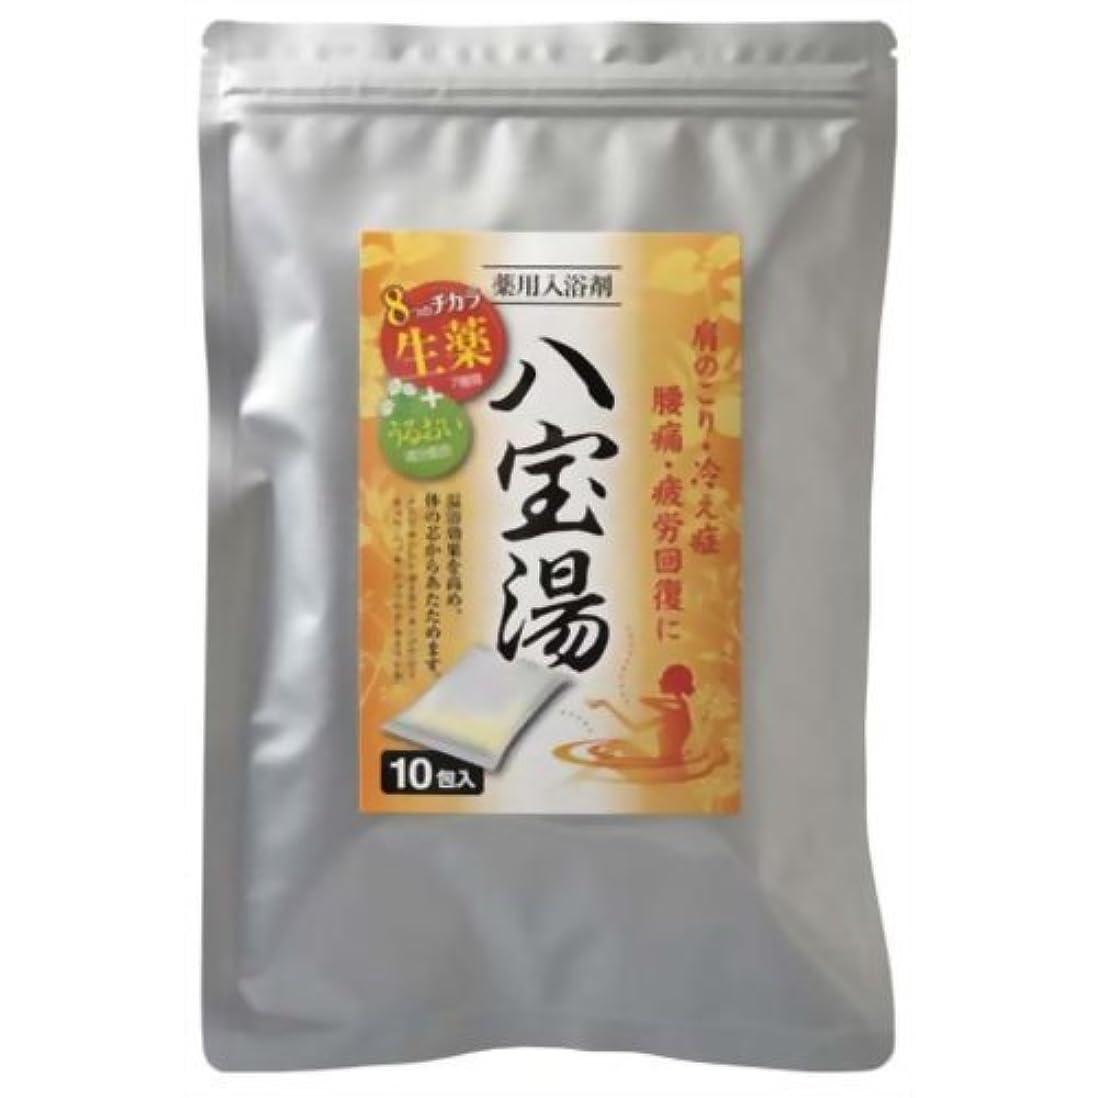 蜜性格マーチャンダイザー薬用入浴剤 八宝湯 カモミールの香り 10包 [医薬部外品]